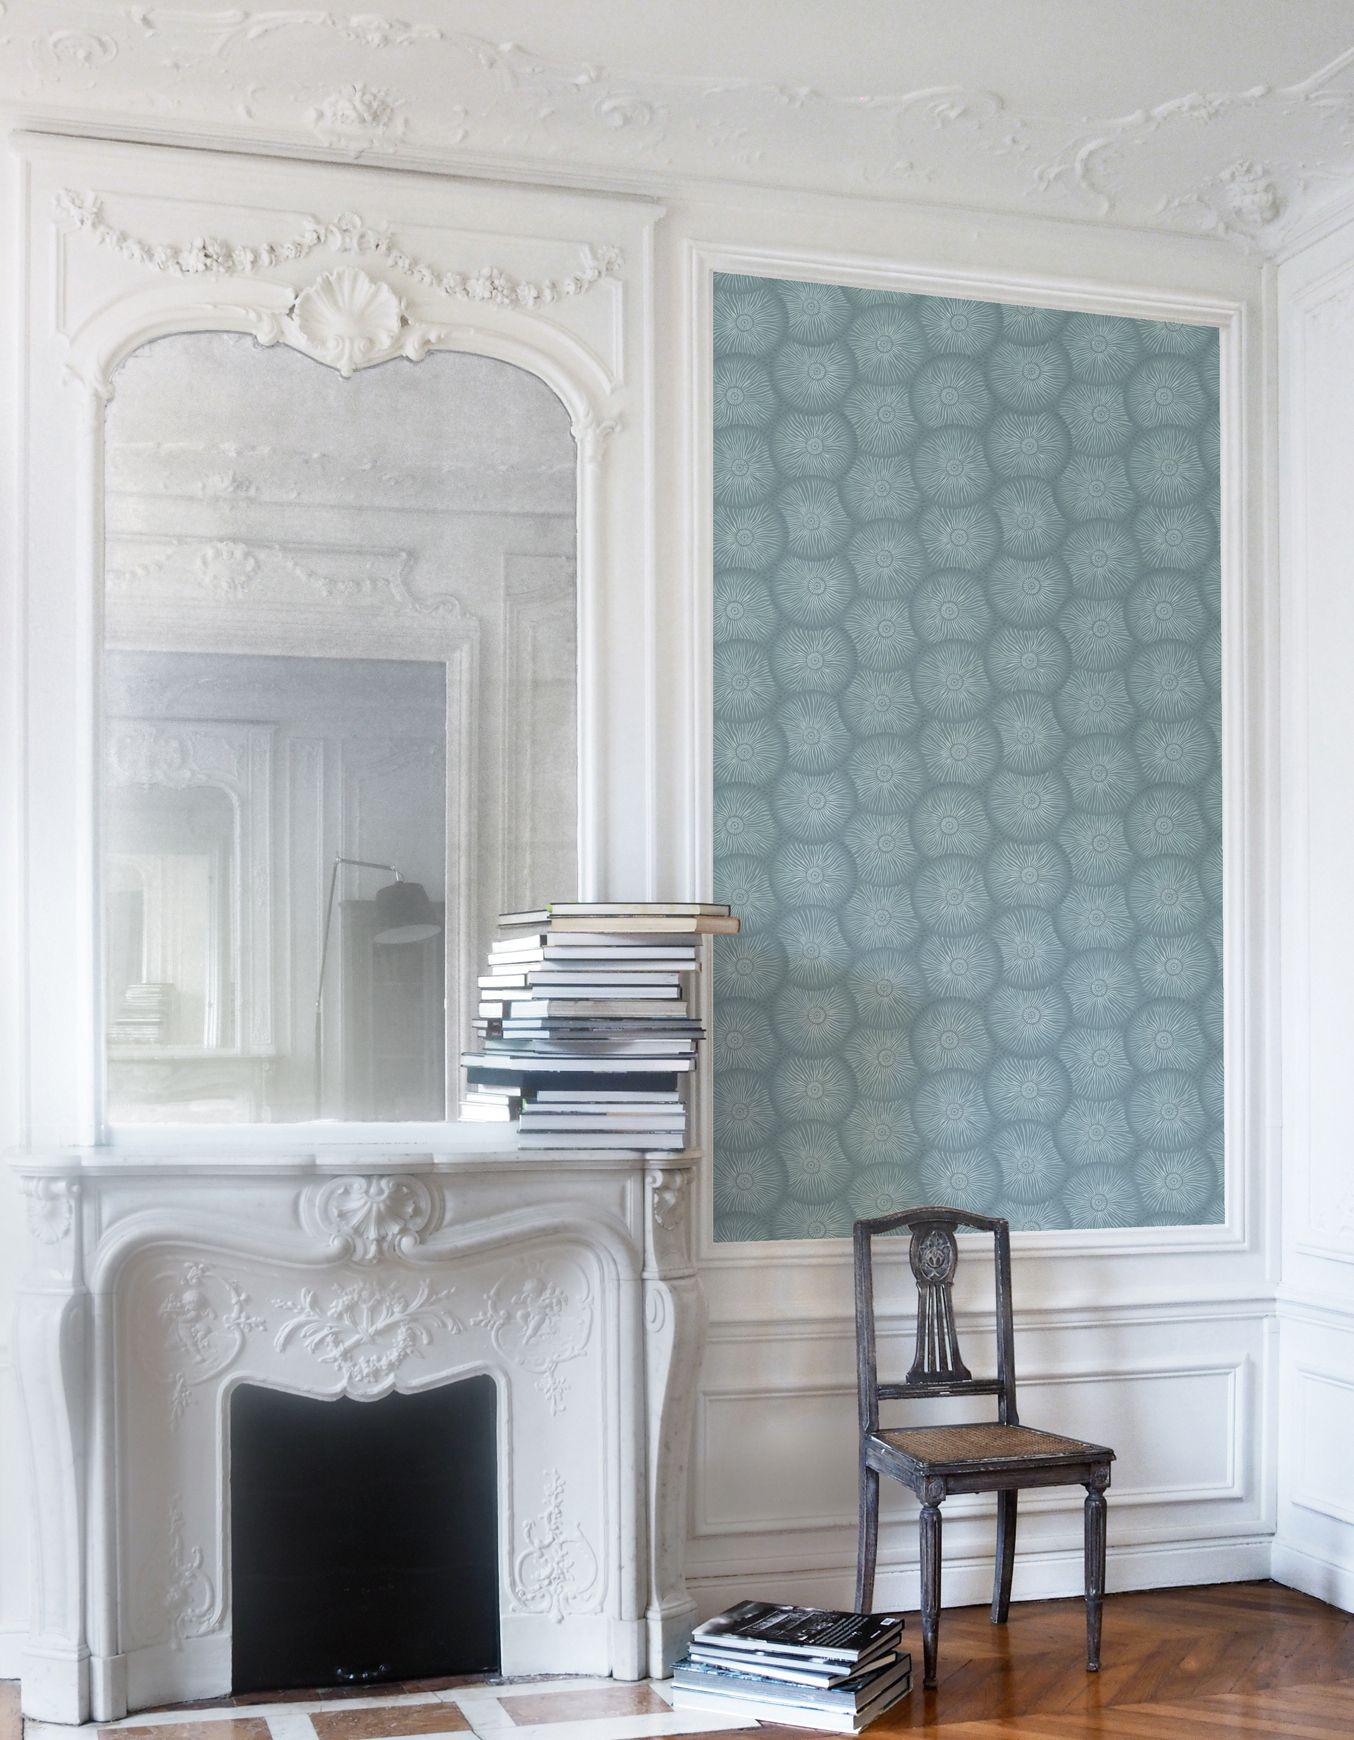 Papier Peint Intisse Non Woven Wallpaper Bleu Canard